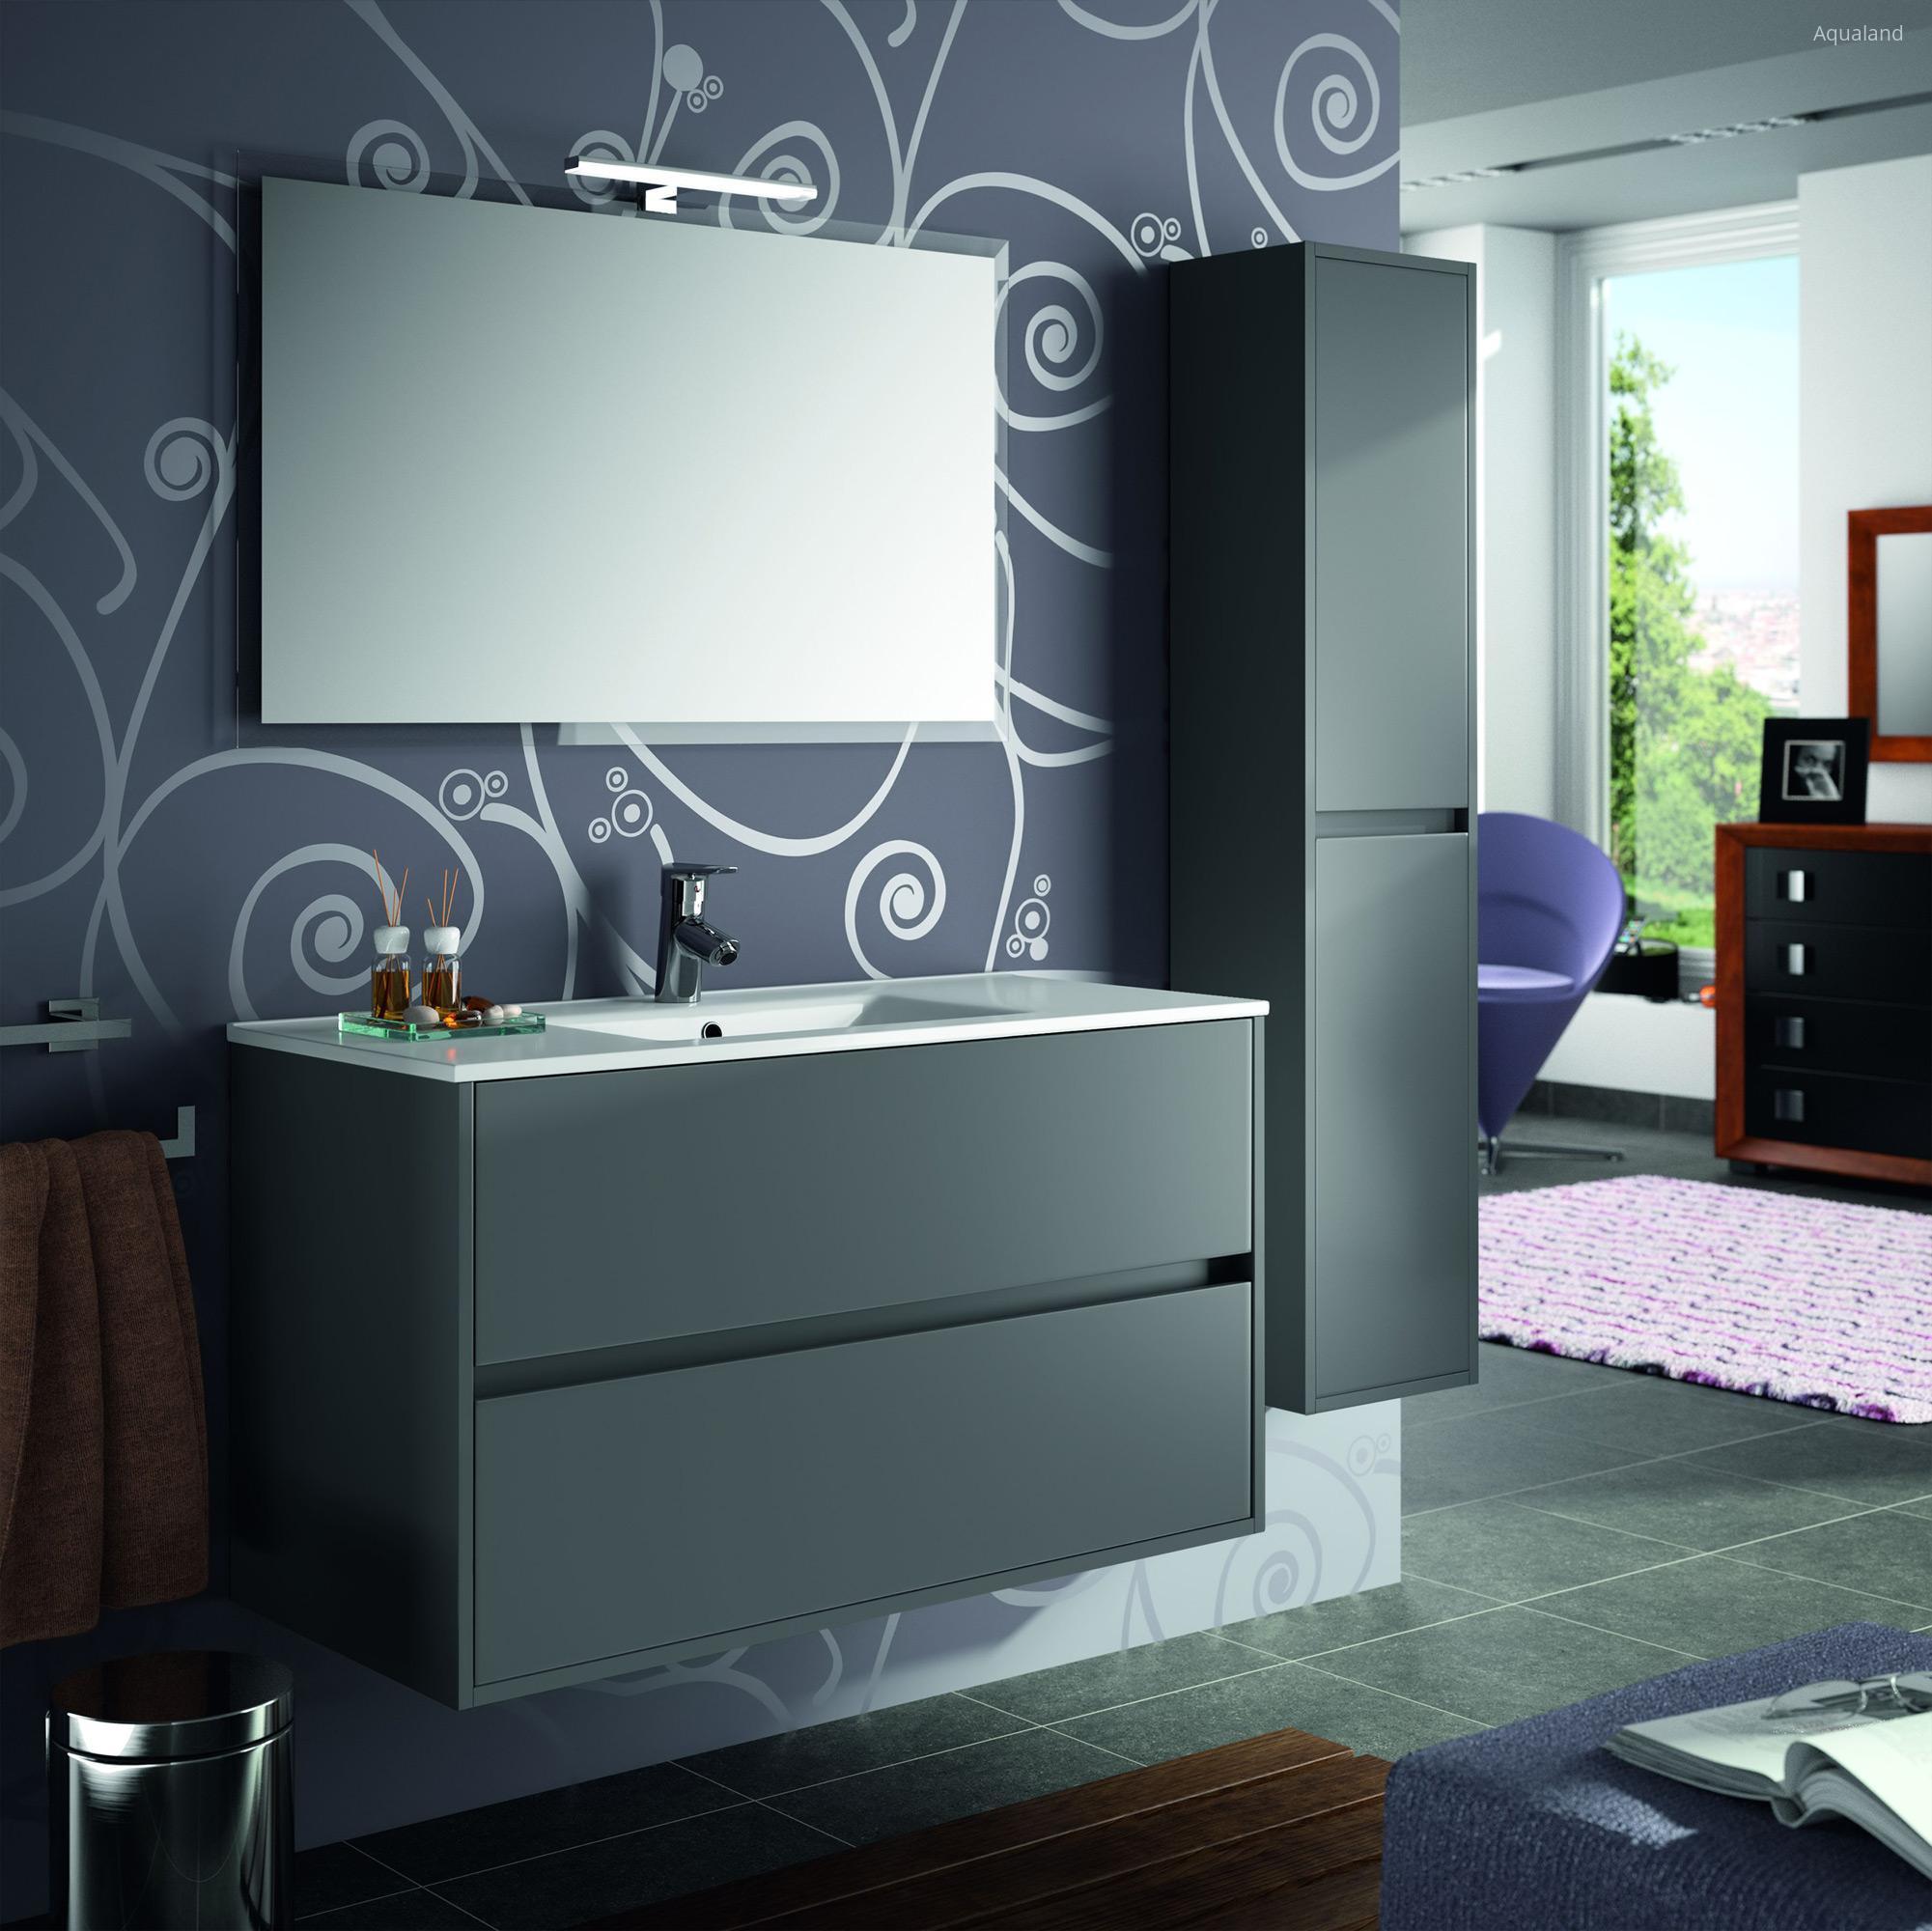 Salgar Noja fürdőszoba bútor szürke // HOMEINFO.hu - Inspirációtár